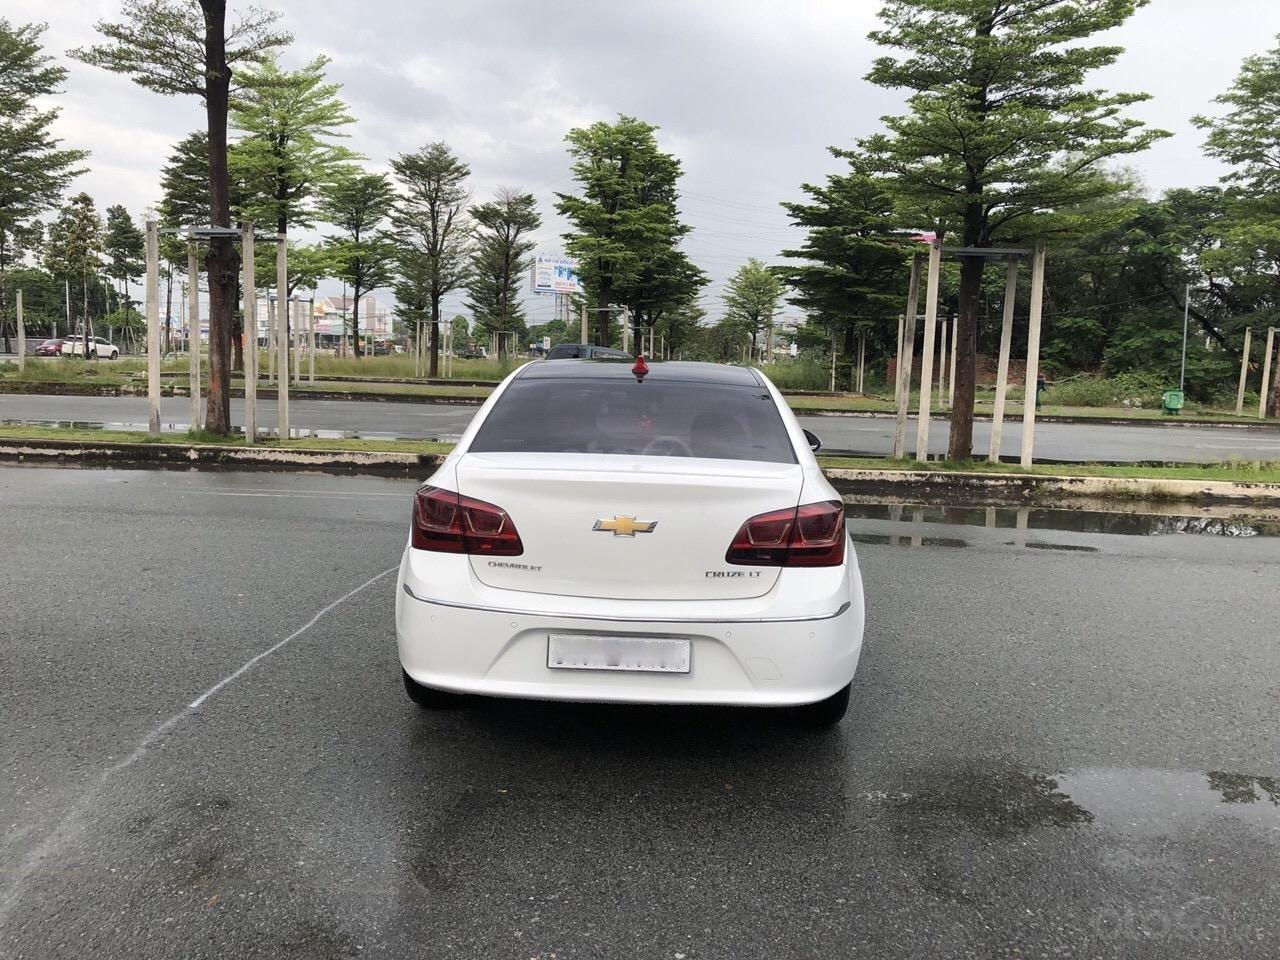 Bán Chevrolet Cruze 1.6LS sản xuất 2016, màu trắng xe nhà bán lại 378 triệu (3)